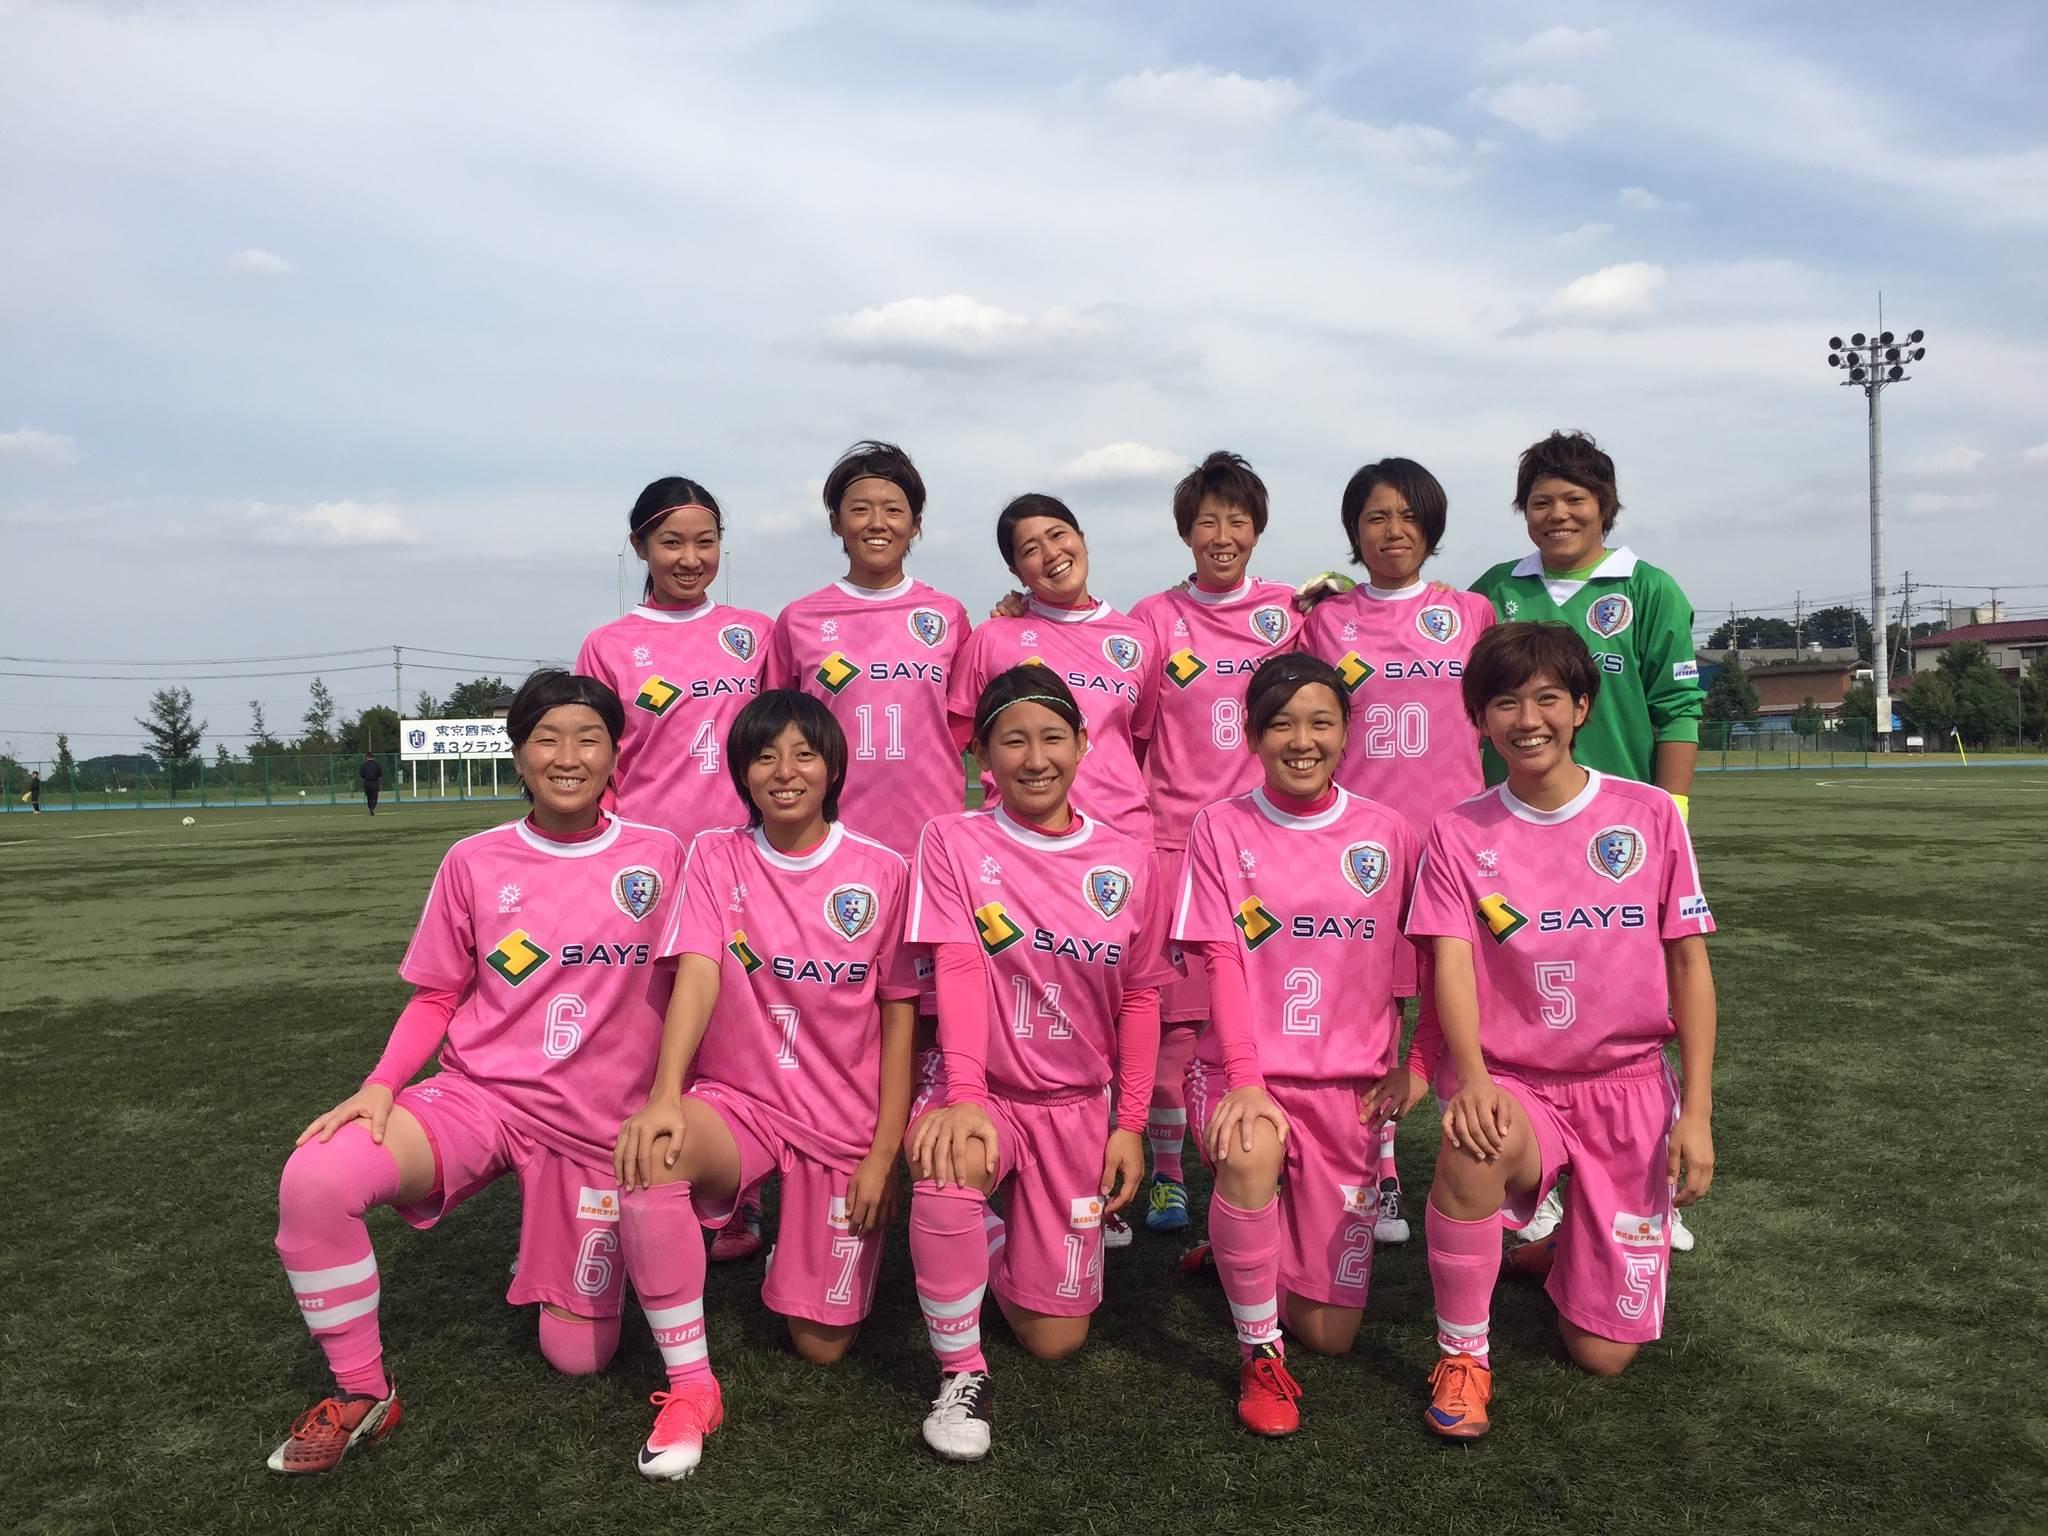 東京国際大学戦スターティングメンバー